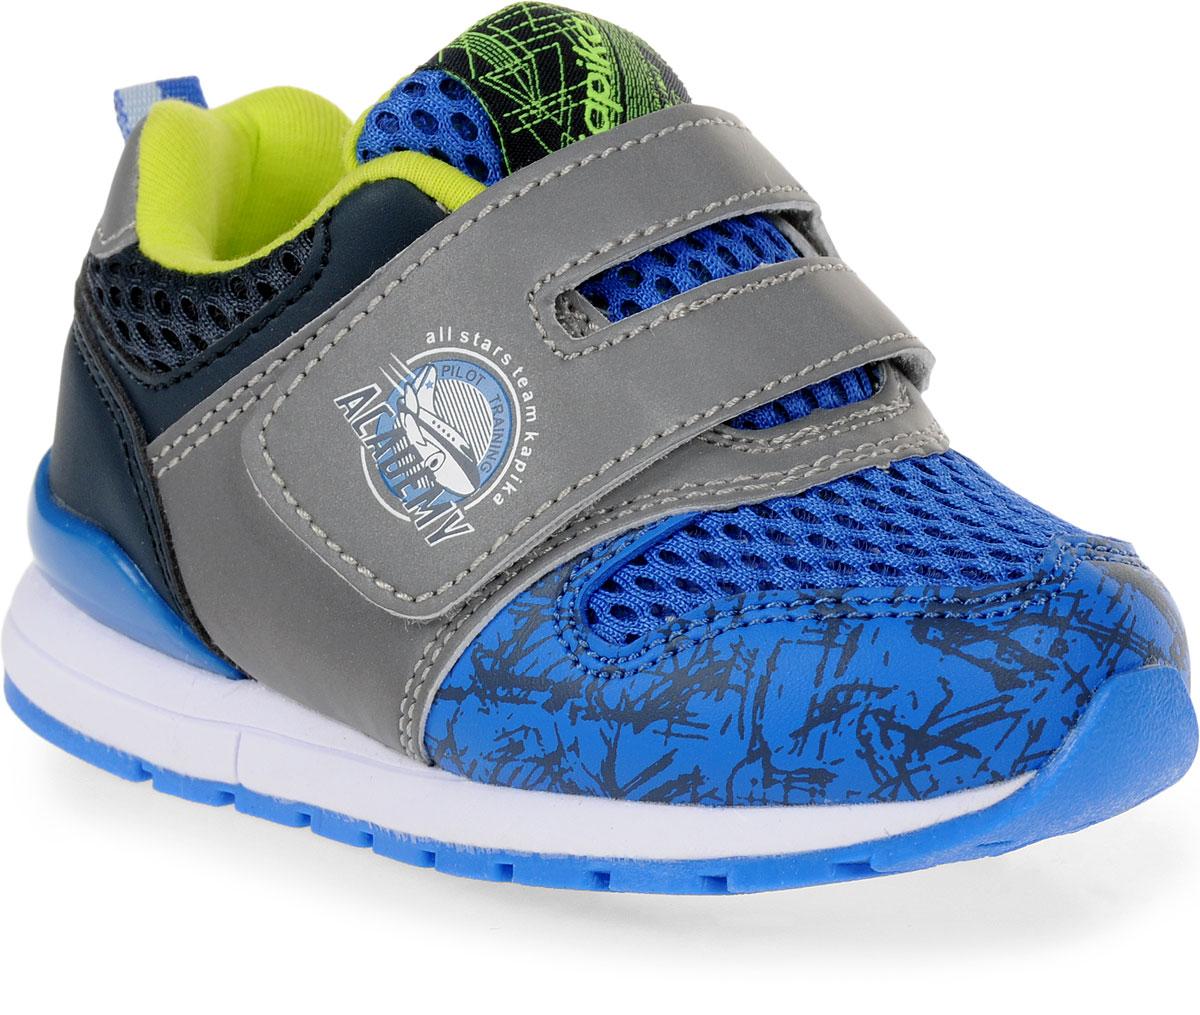 Кроссовки для мальчика Kapika, цвет: синий. 71103-1. Размер 2171103-1Детские кроссовки изготовлены из качественной искусственной кожи и текстиля. Ремешки с липучками надежно зафиксируют модель на ноге. Подошва из прочного полимера дополнена рифлением. Внутренняя поверхность и стелька комфортны при движении. Кроссовки займут достойное место в гардеробе и подарят комфорт.